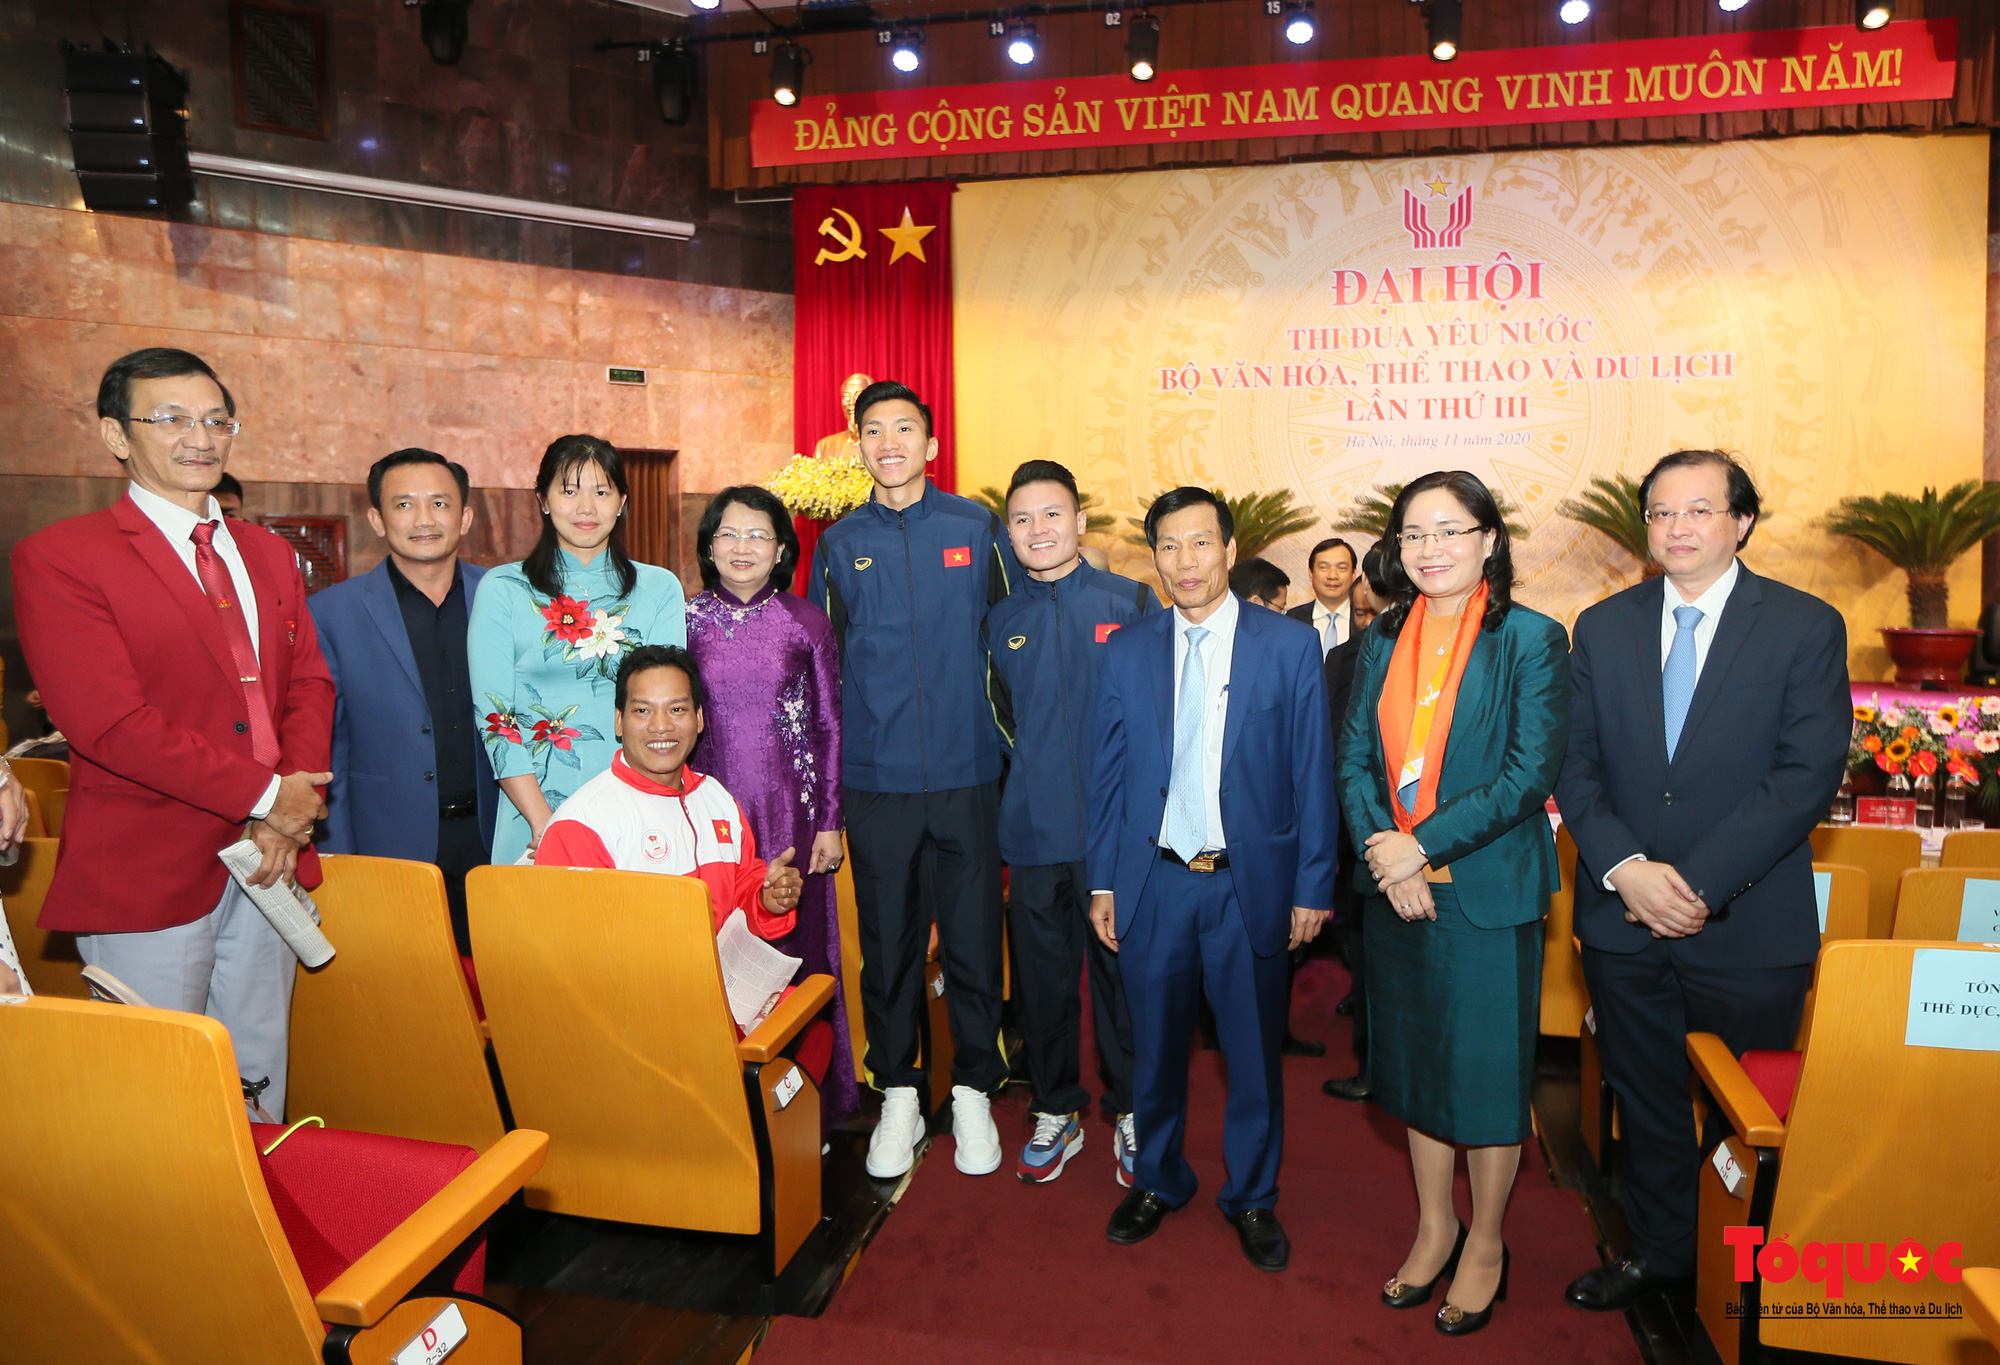 Phó Chủ tịch nước Đặng Thị Ngọc Thịnh, Bộ trưởng Nguyễn Ngọc Thiện và các đại biểu dự Đại hội